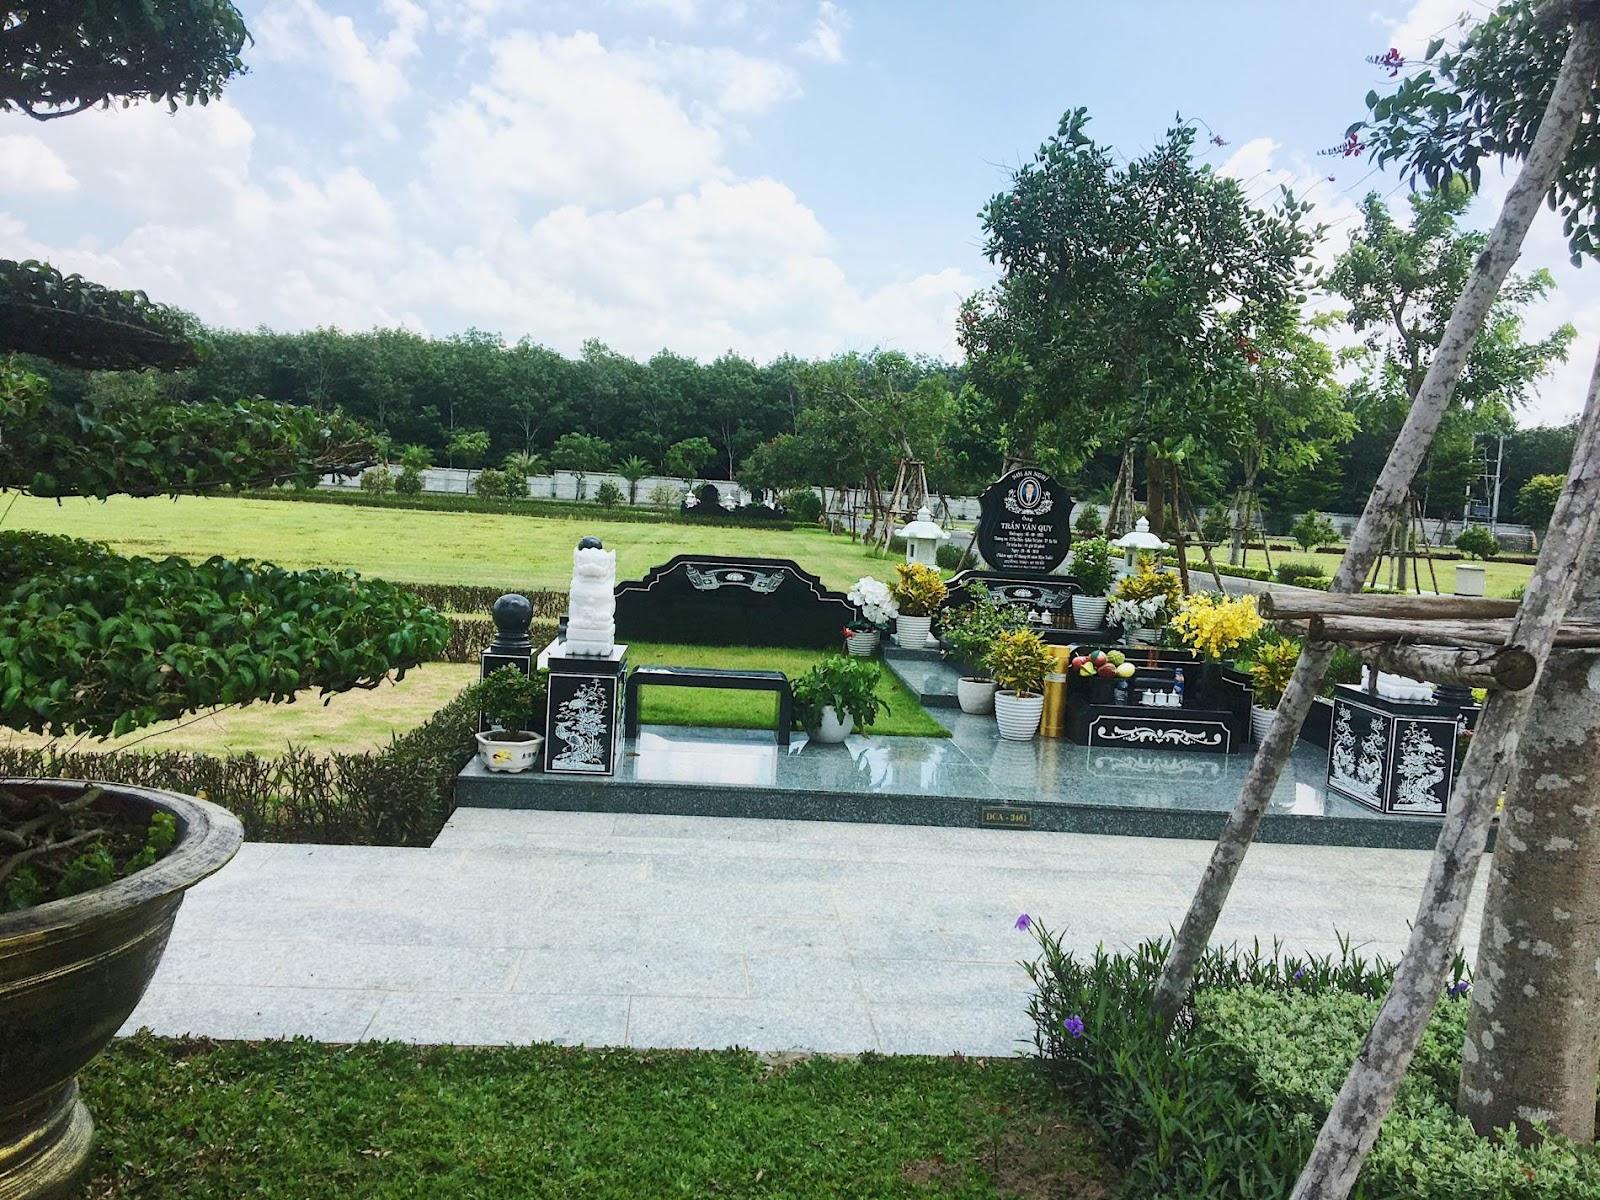 Mua đất nghĩa trang tại nghĩa trang Vĩnh Hằng